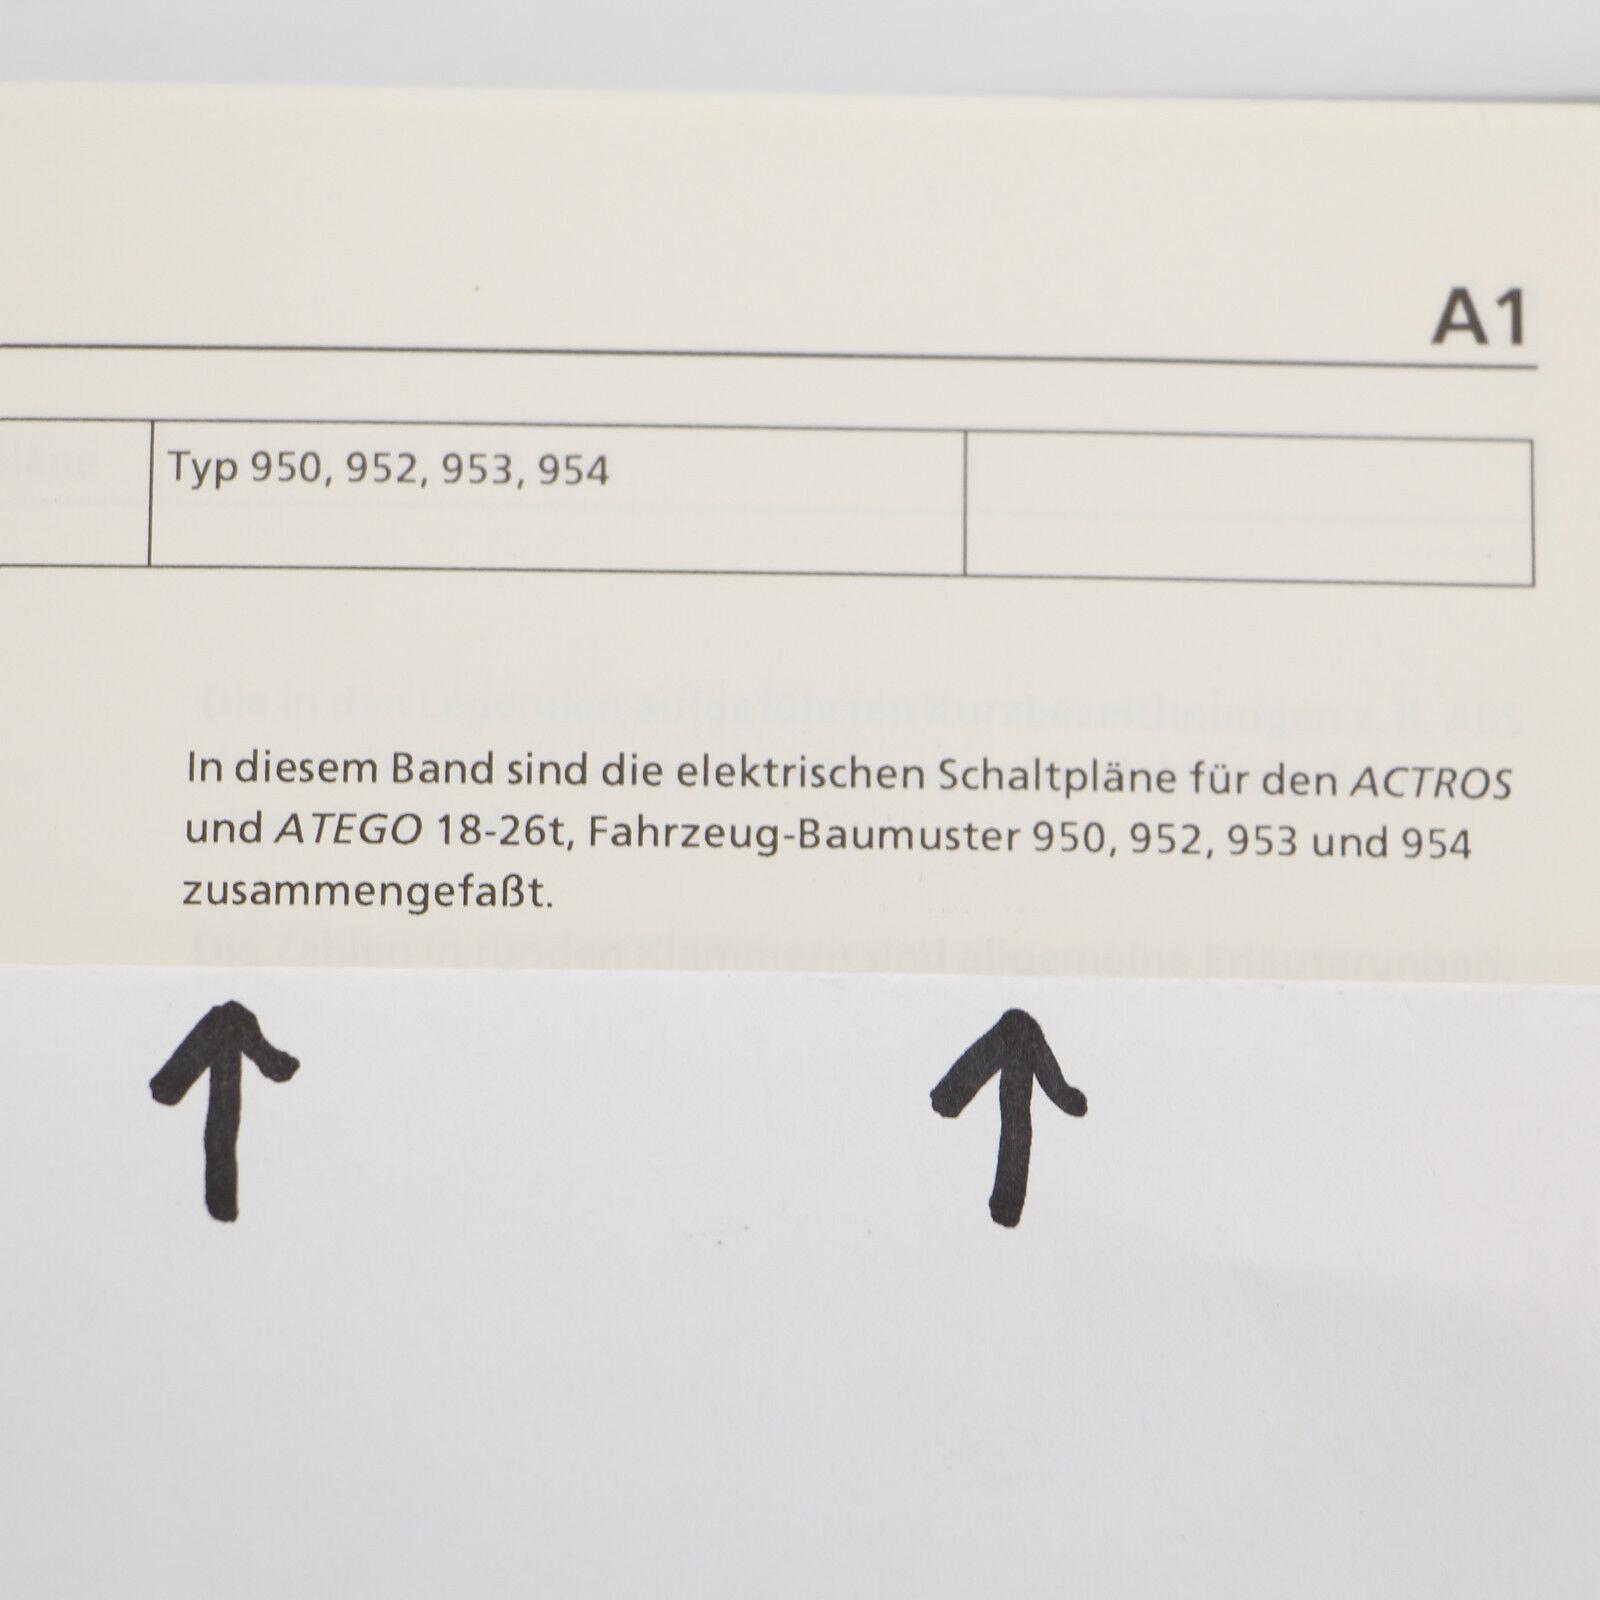 MERCEDES ACTROS MP1 Atego Werkstatthandbuch elektrische Schaltpläne ...